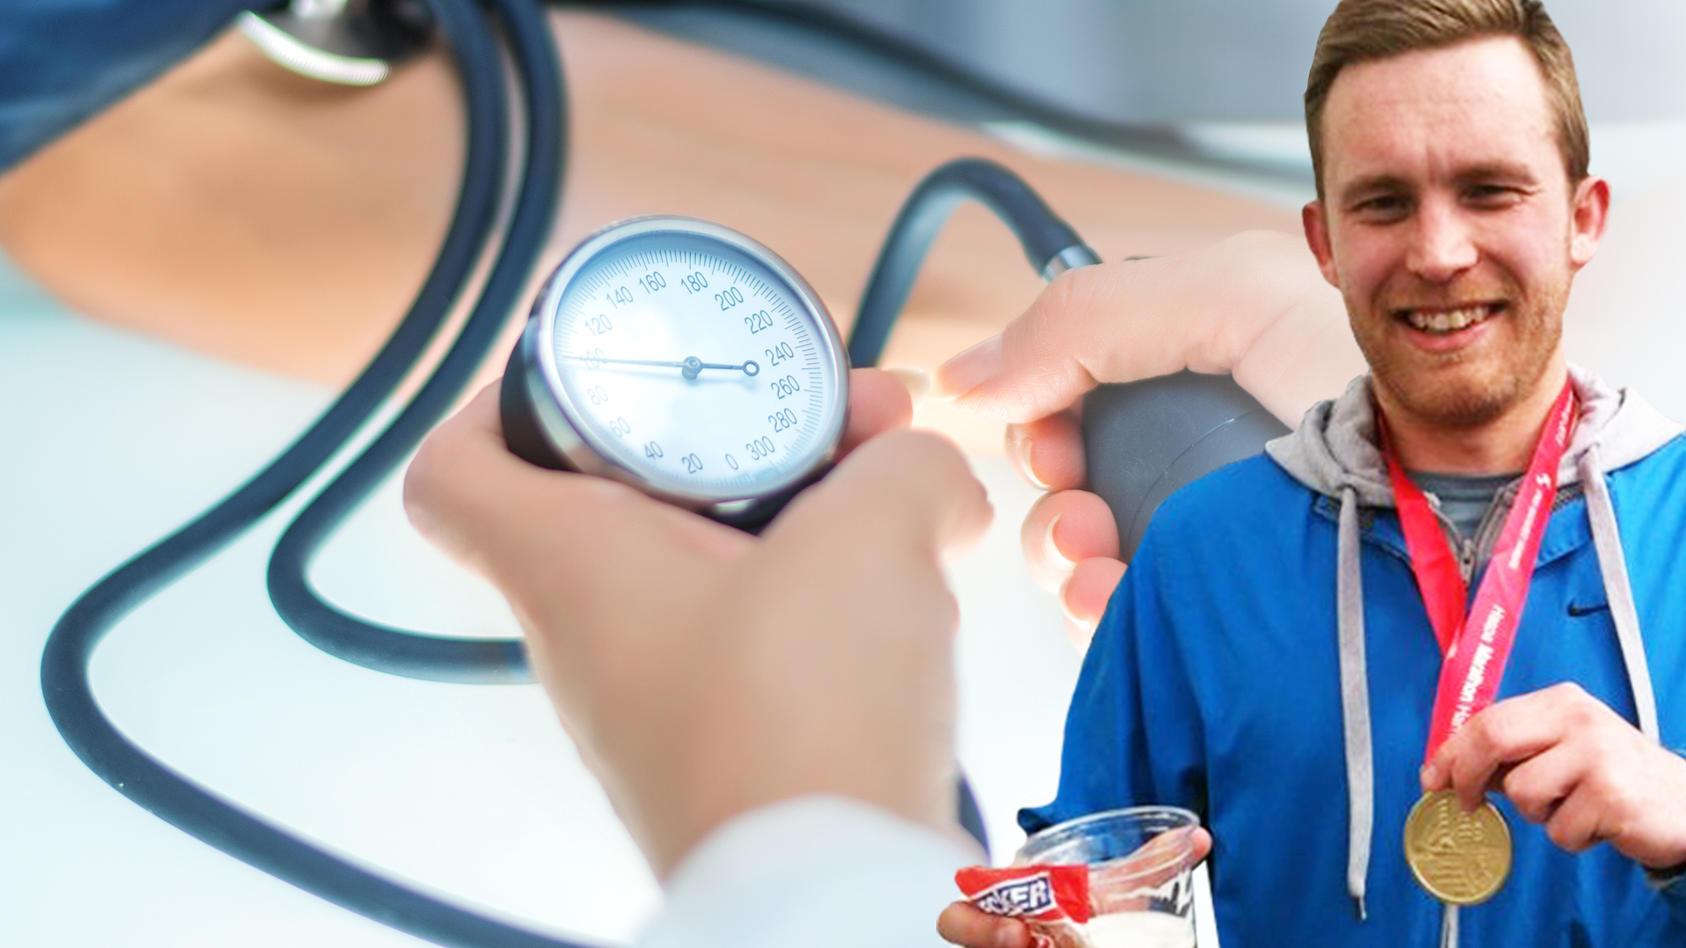 Viel in Bewegung, aber trotzdem chronisch krank: Unser Autor ist Bluthochdruck-Patient.